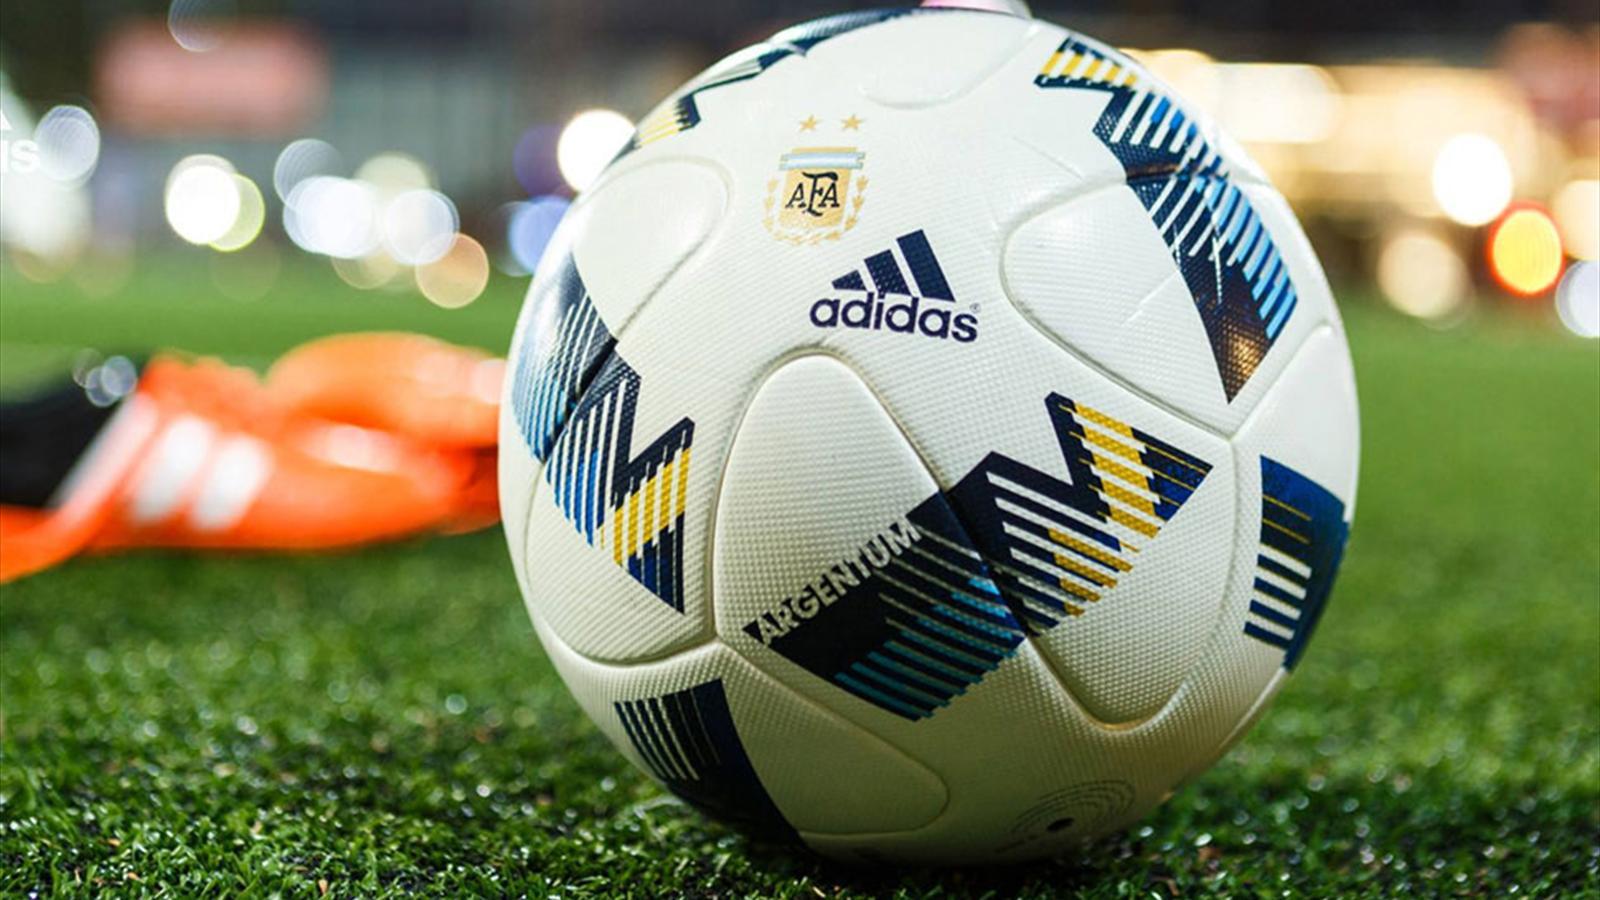 мяч спорт EURO 2016 adidas  № 3918550  скачать